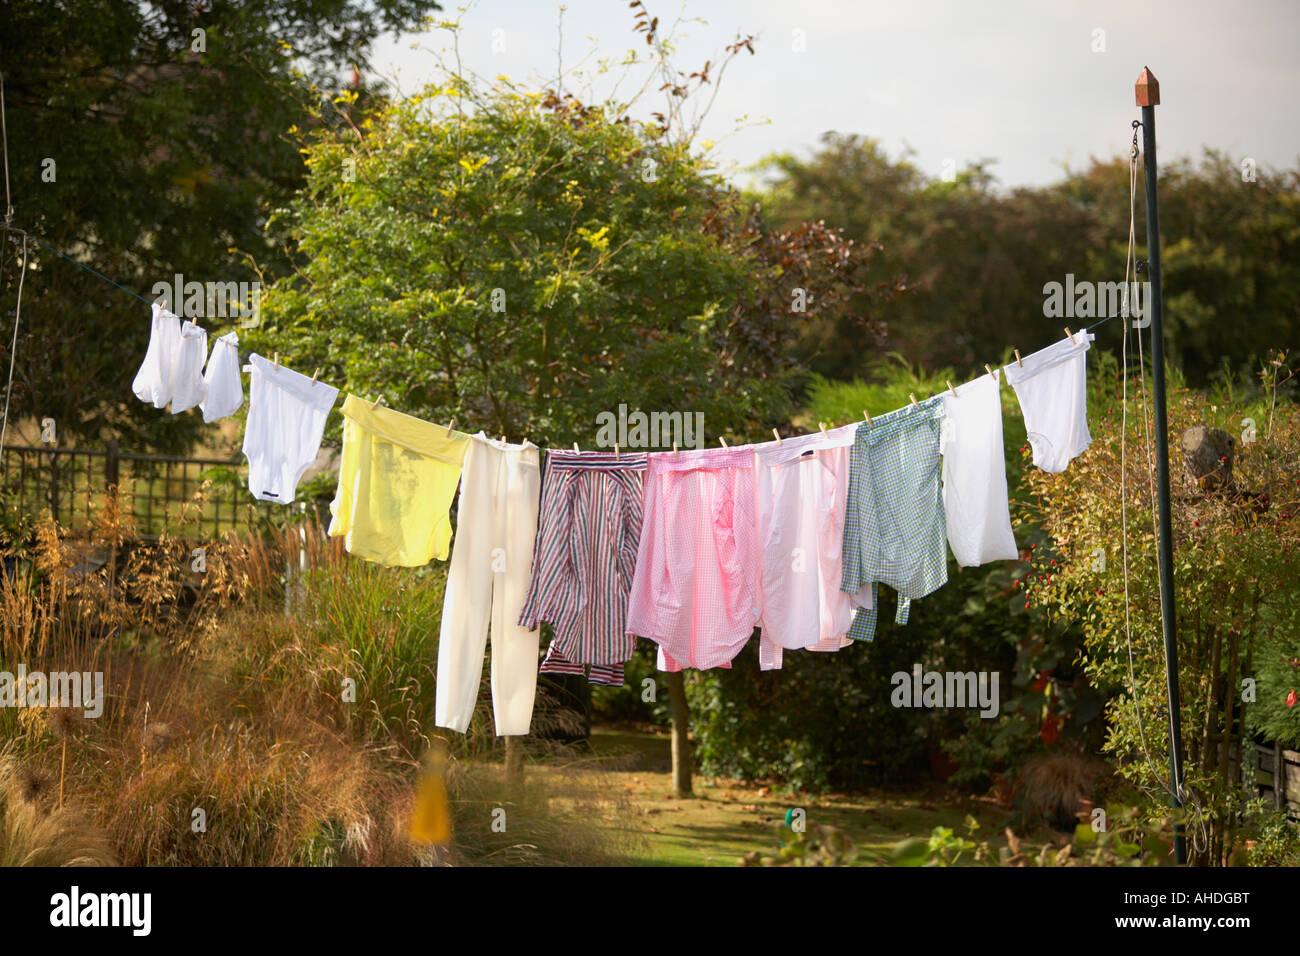 Il lavaggio appeso sulla linea fuori in giardino Immagini Stock